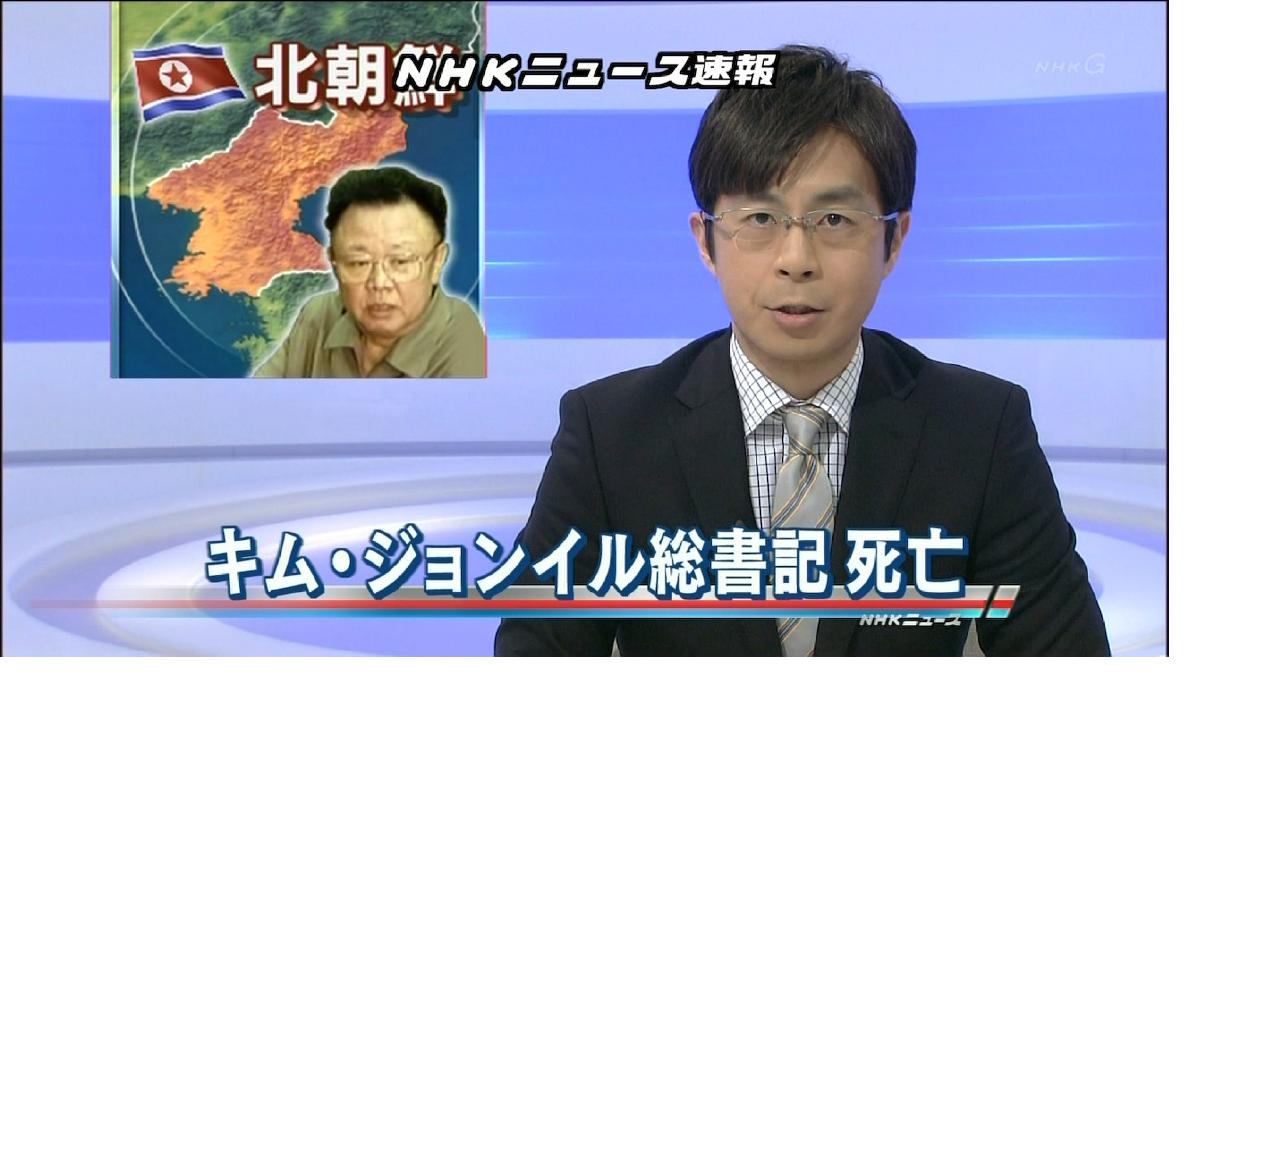 横尾泰輔の画像 p1_37